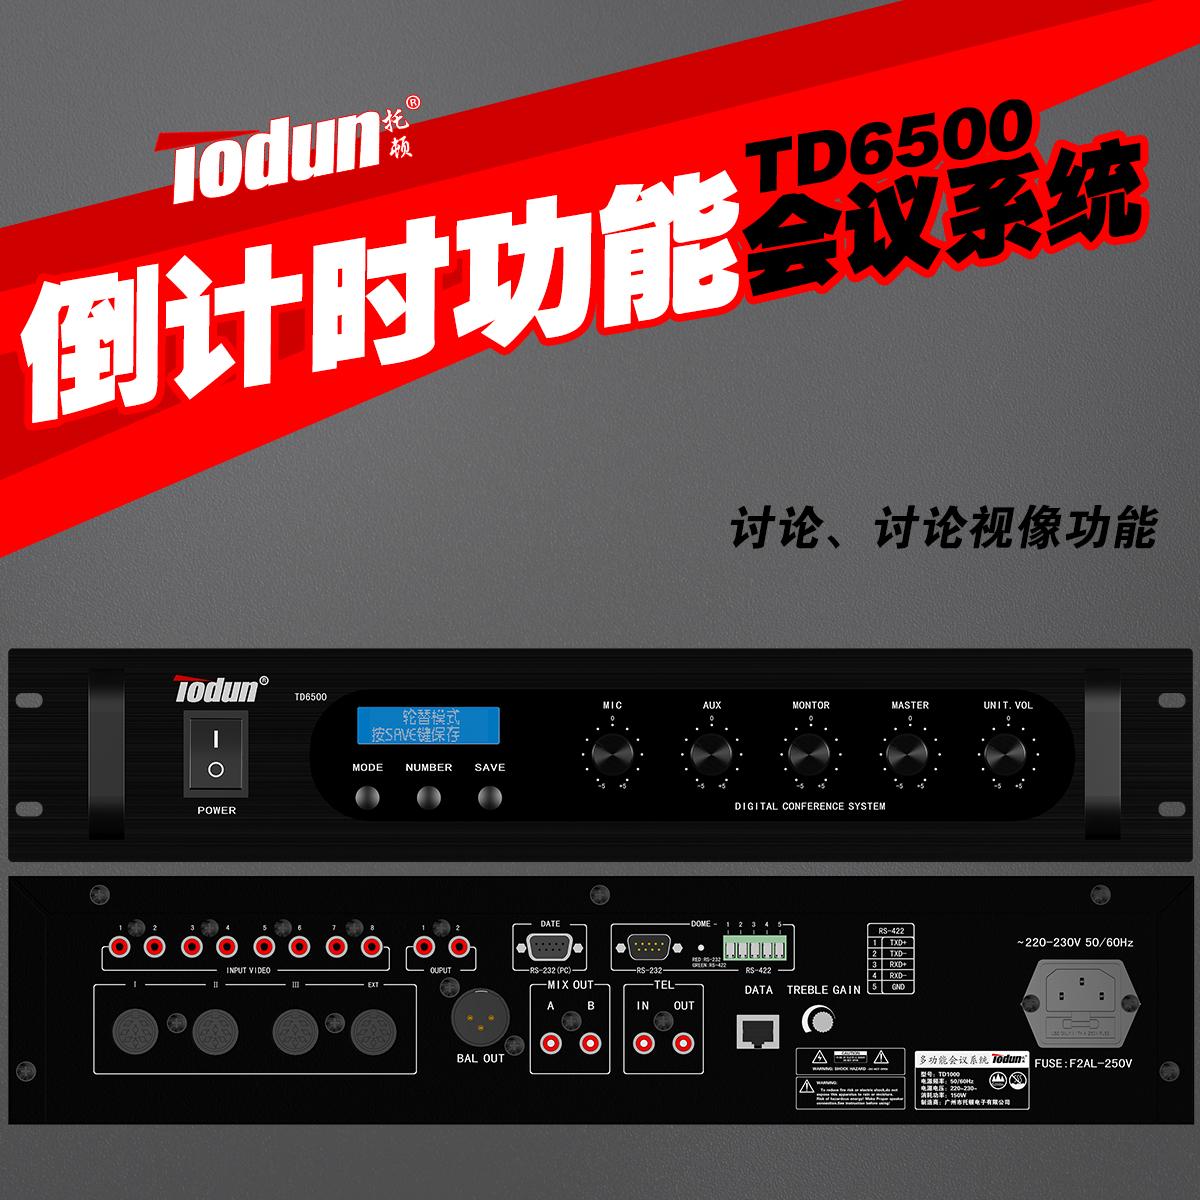 【倒计时功能】数字会议系统TD6500S 领先的讨论视频会议系统设备厂家